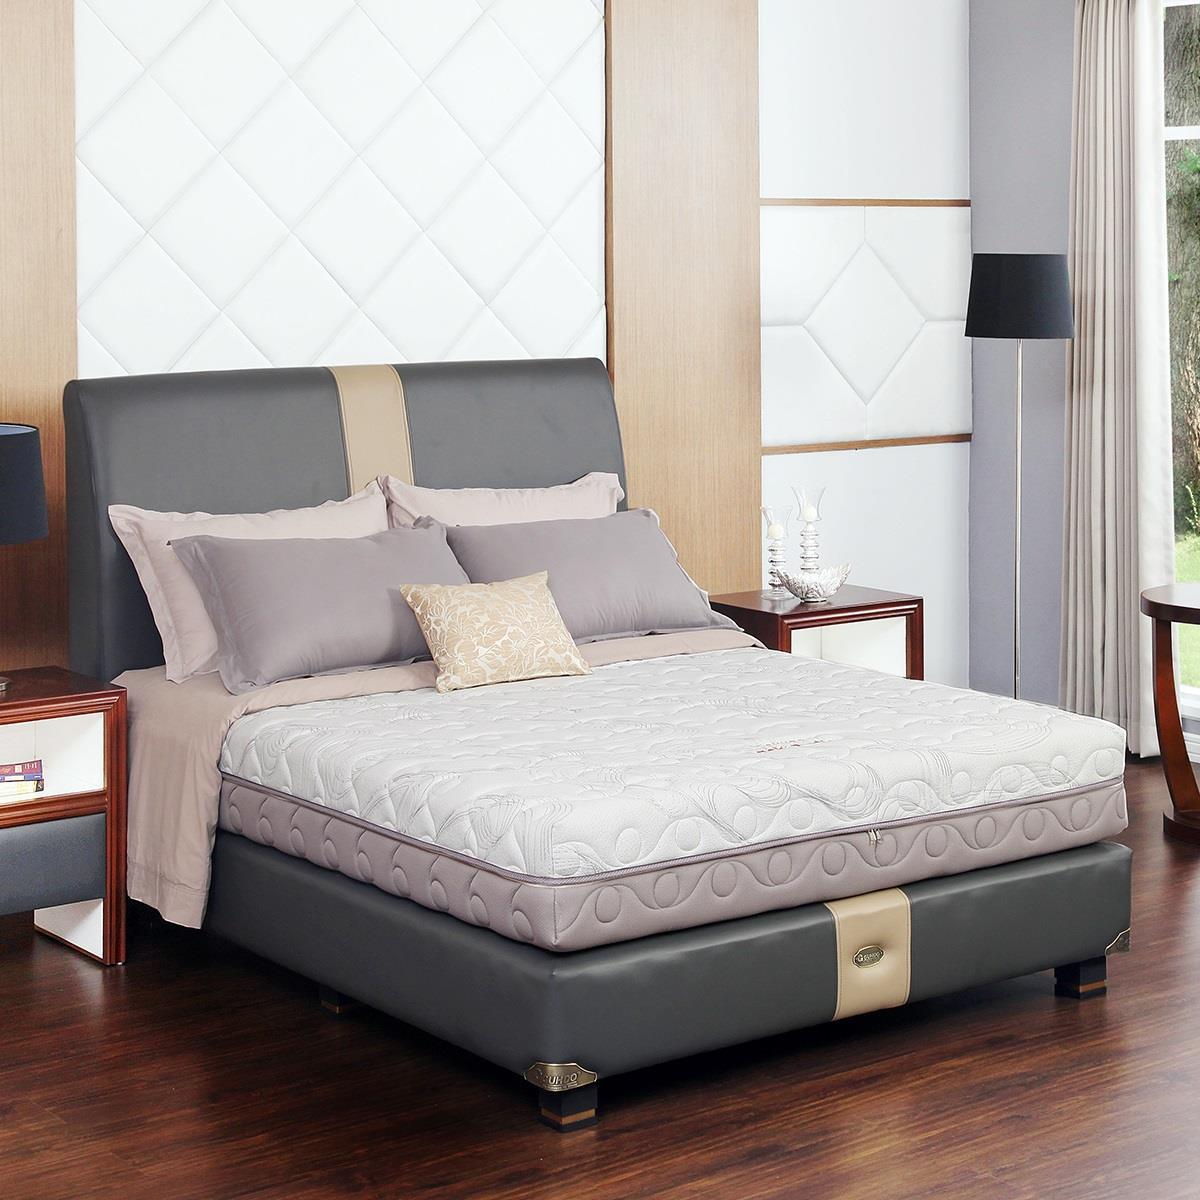 jual spring bed guhdo back pedic harga murah jakarta oleh With back spring bed